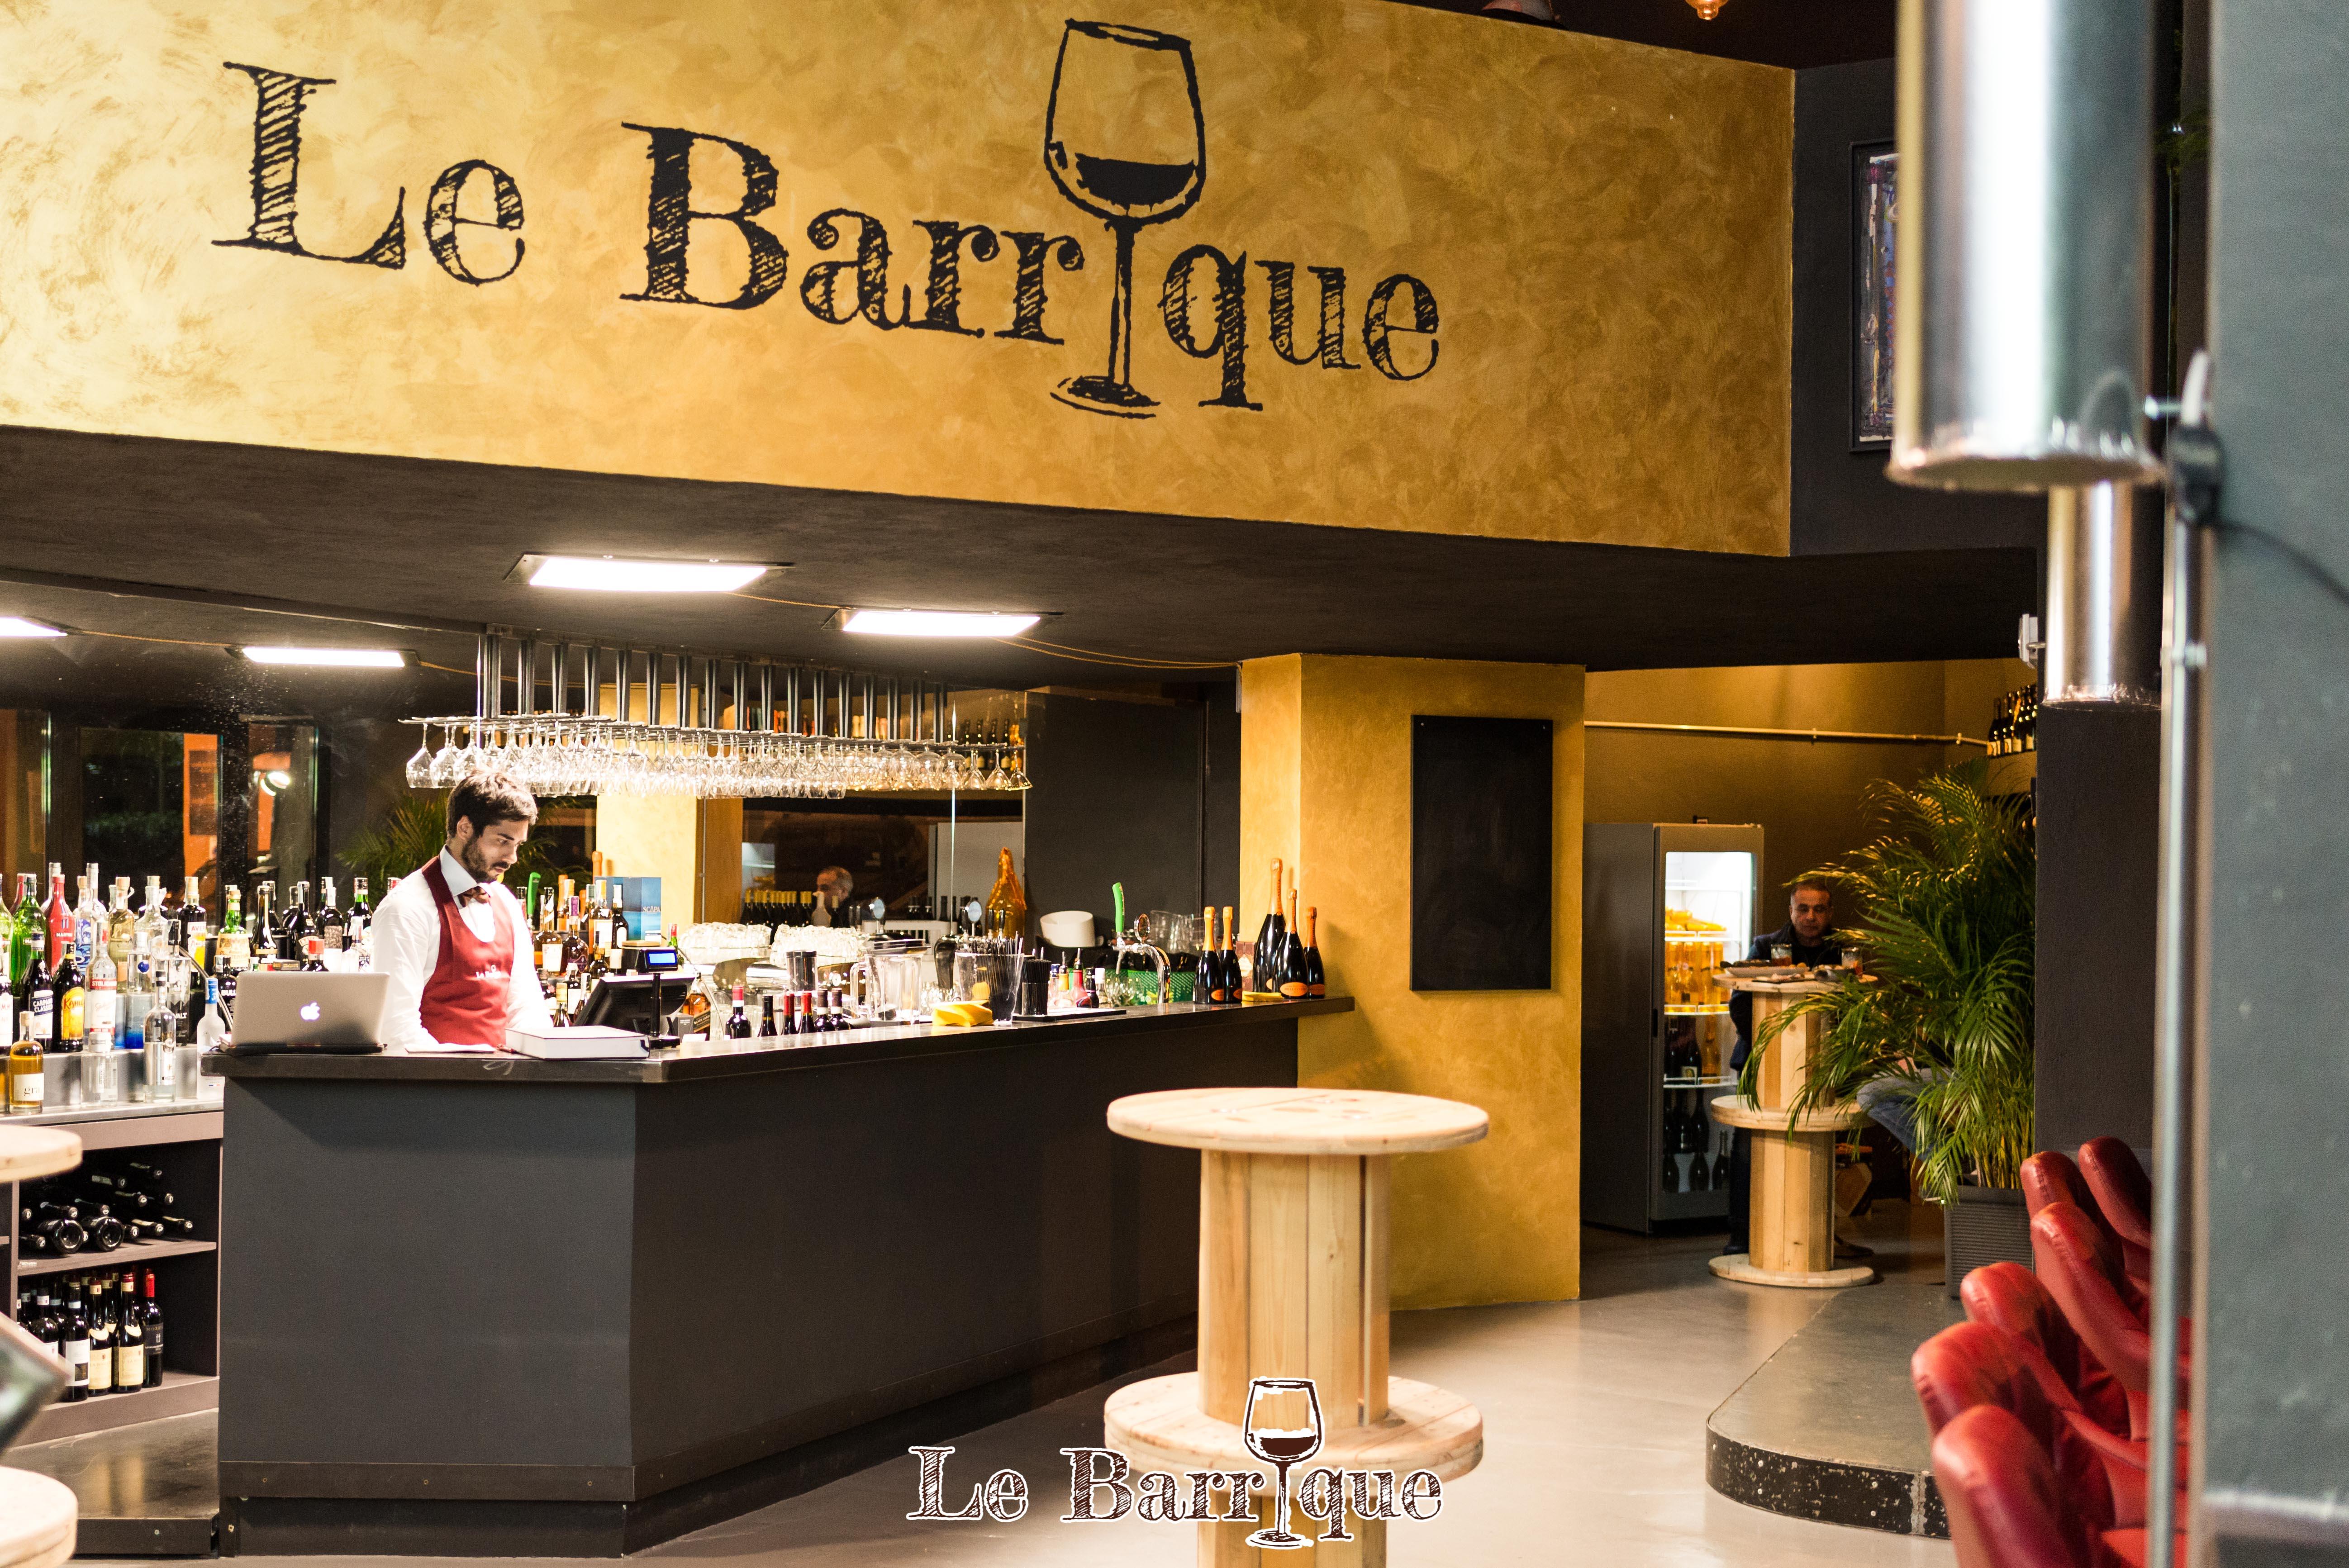 Bar del locale con barista e nome del locale